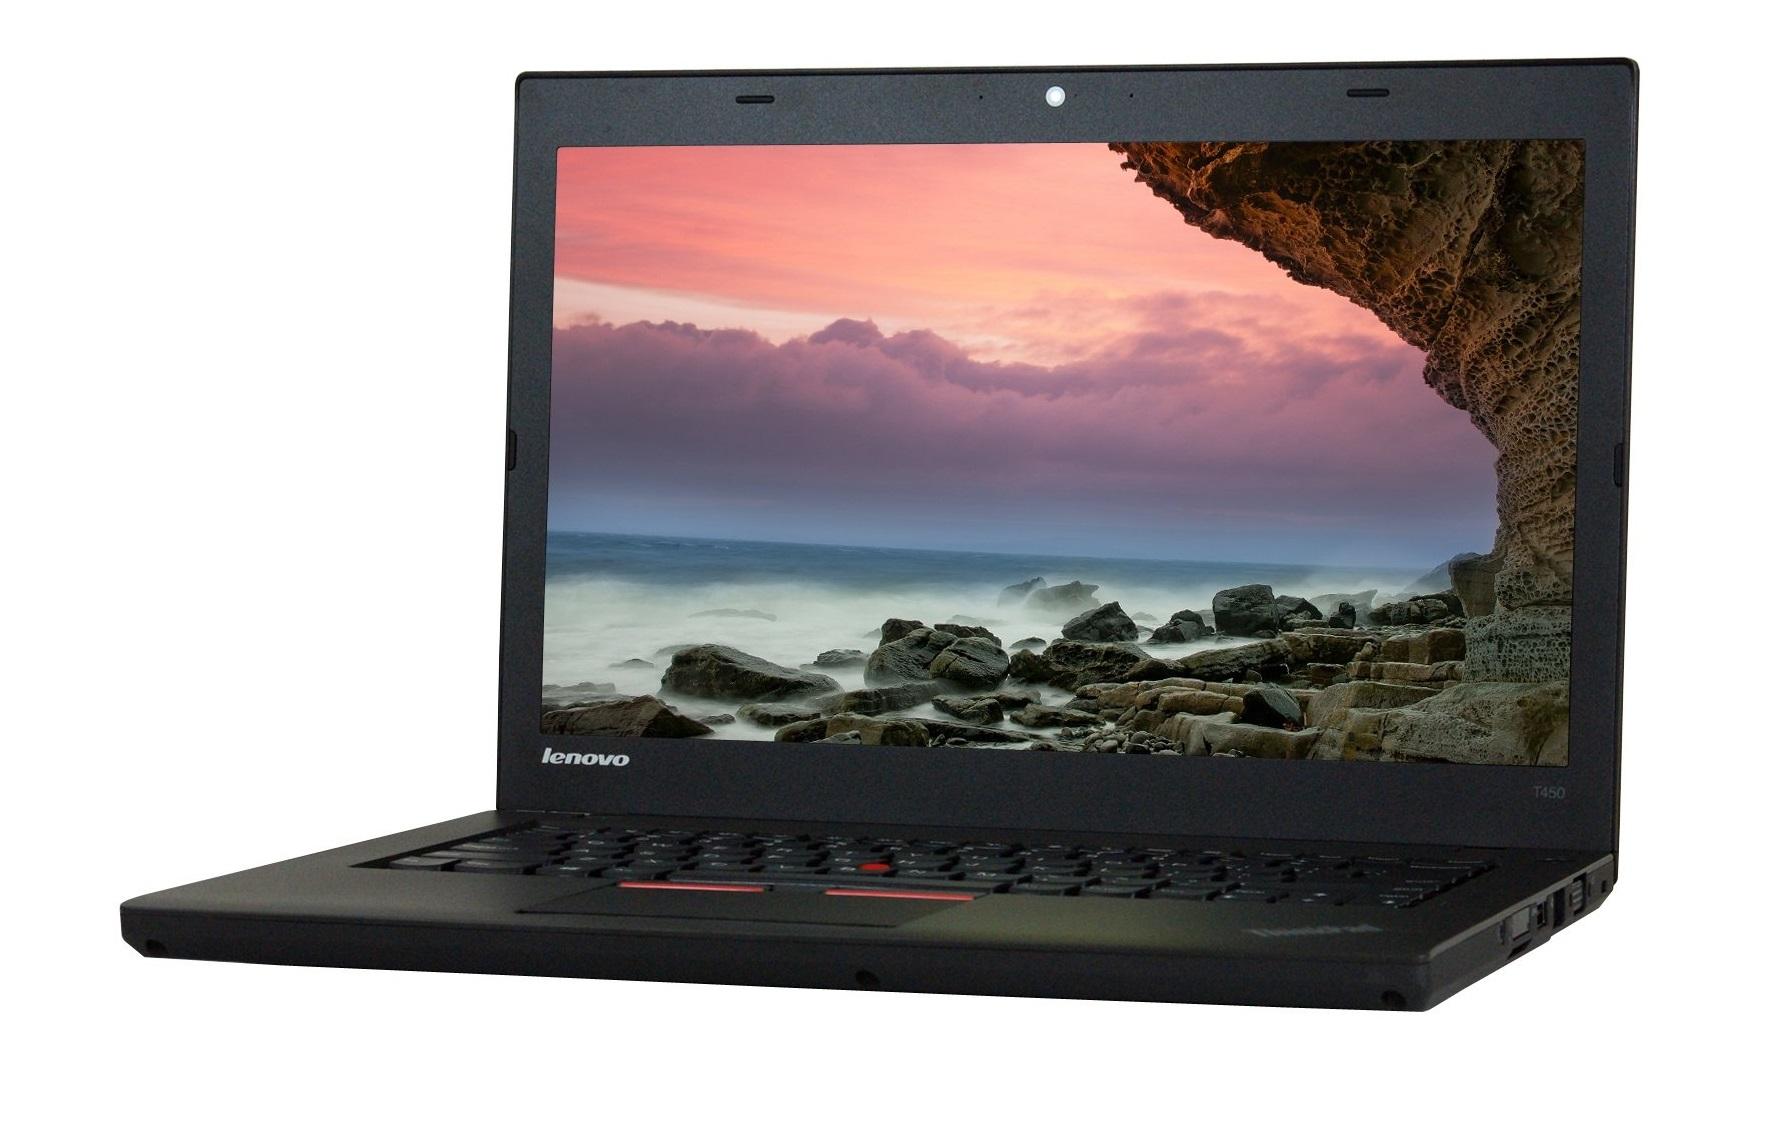 d8552f8768c 475 eurot maksab arvuti, mille on 14-tolline ekraan, mis pole küll päris  FullHD (1600 x 900), aga sellel on Intel Core i5-5200U protsessor, 8 GB  muutmälu ja ...